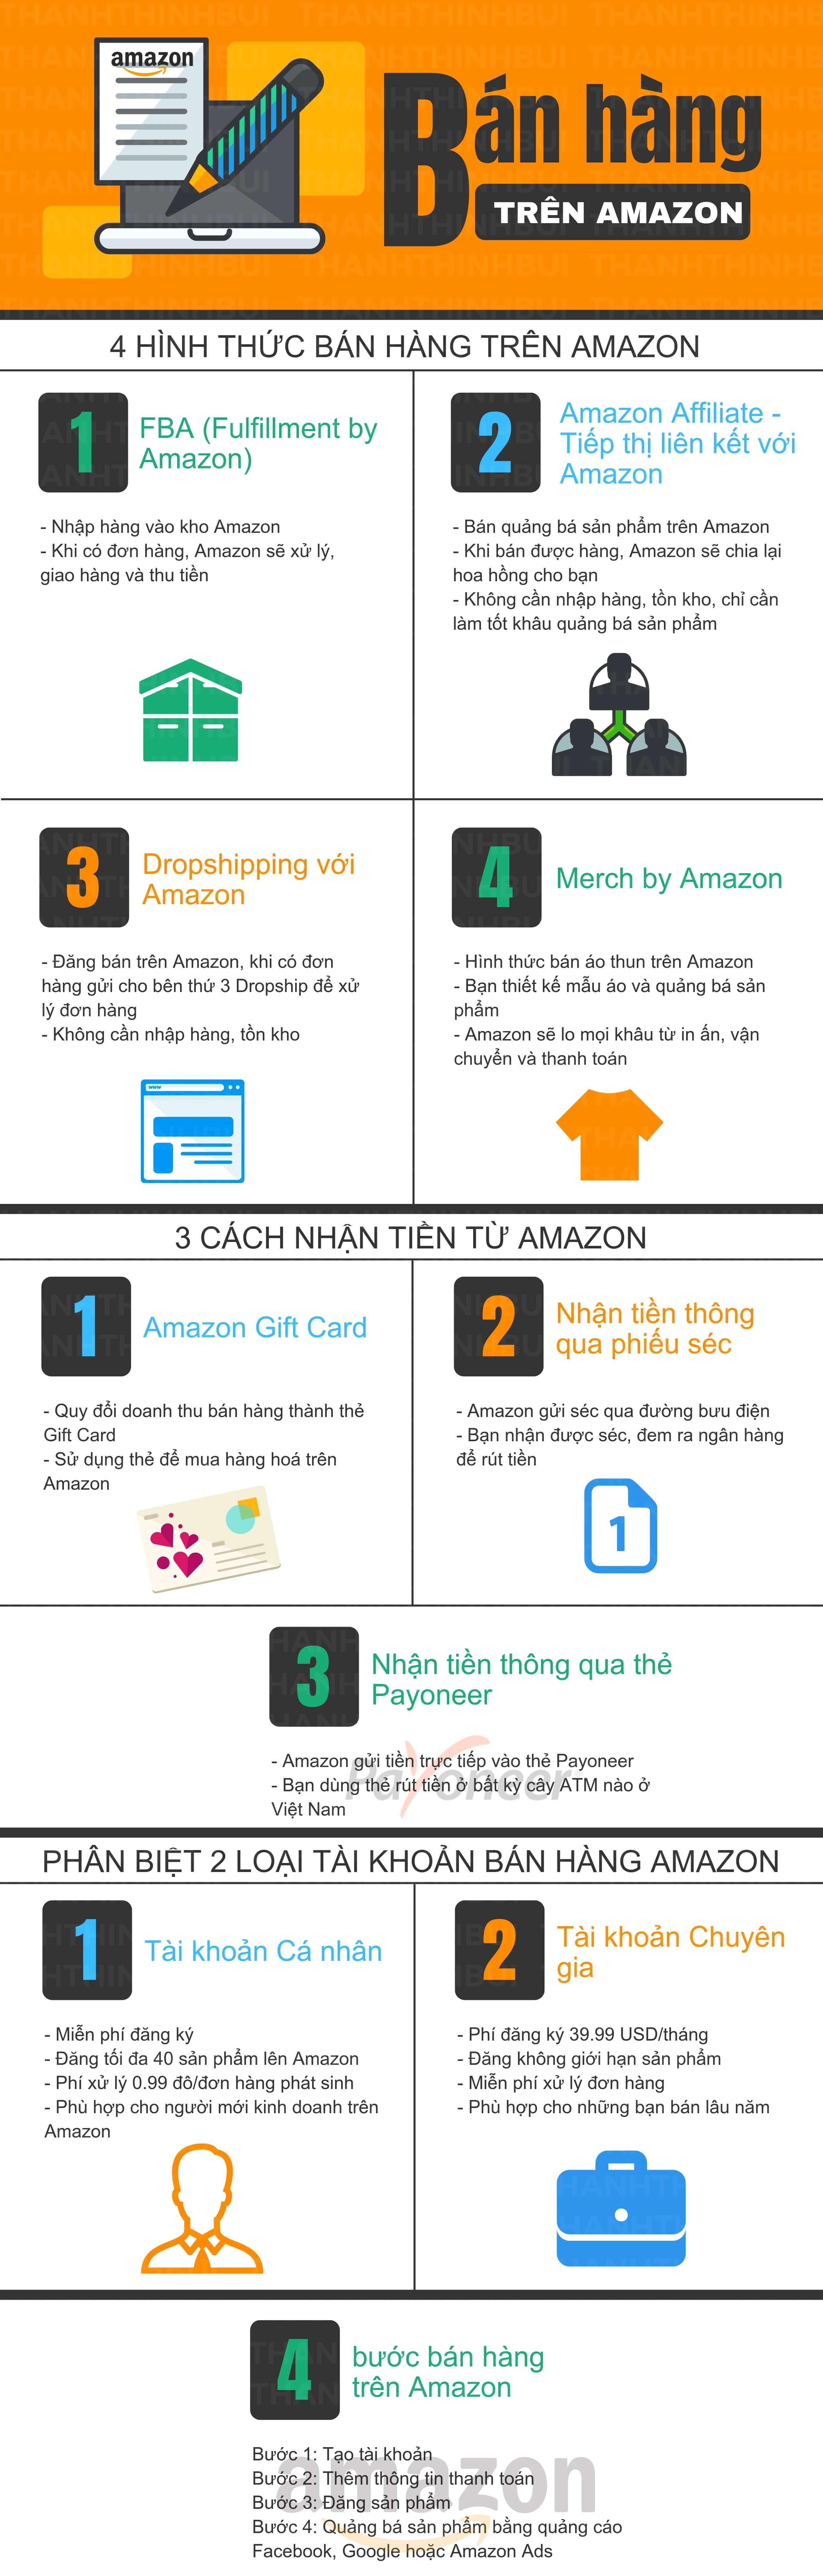 Cách bán hàng trên Amazon từ A đến Z